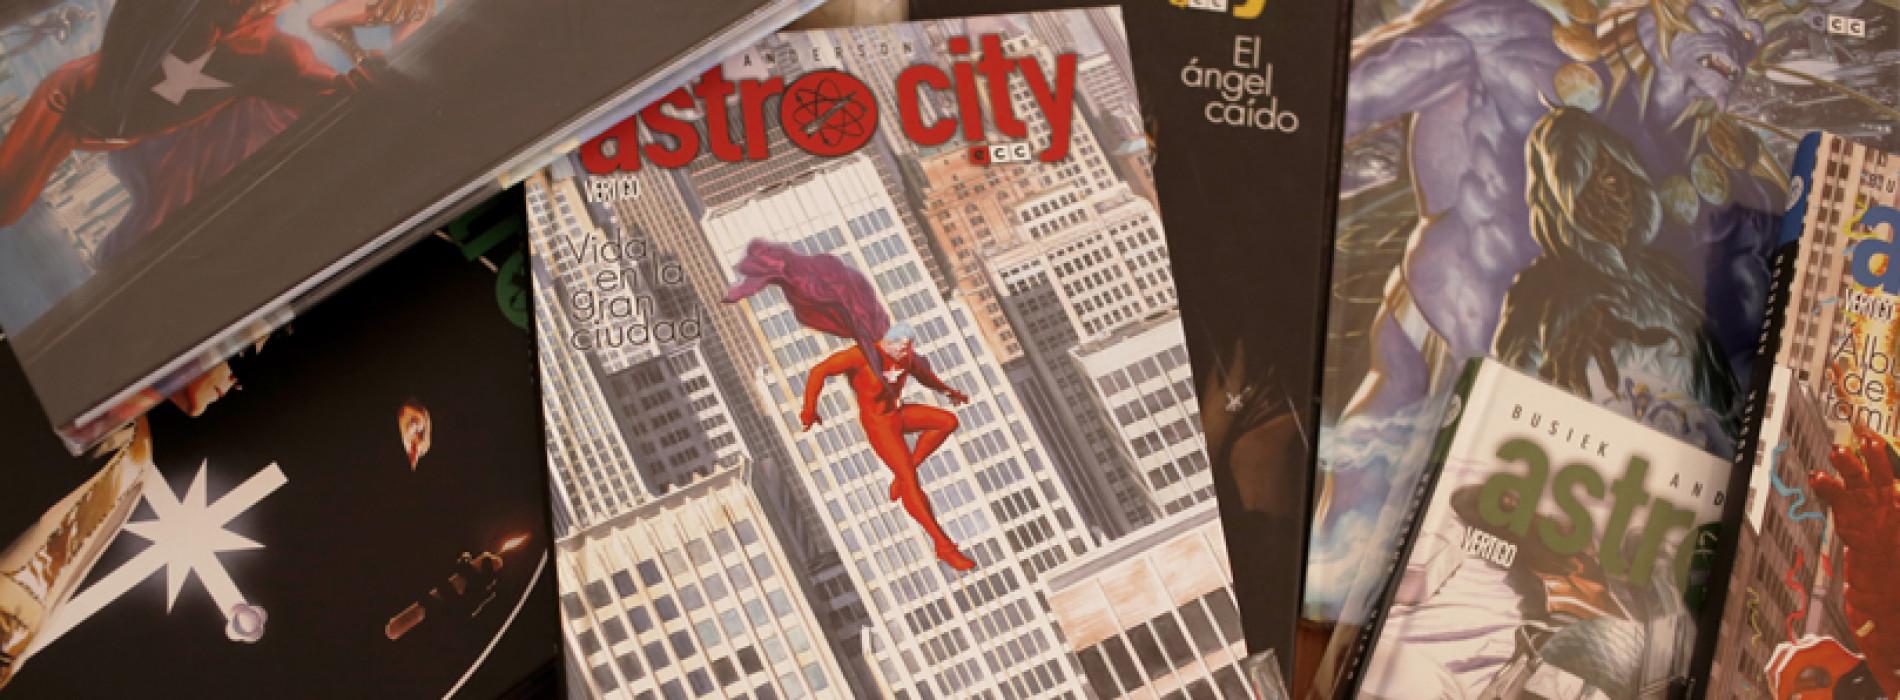 Una recomendación de Astro City